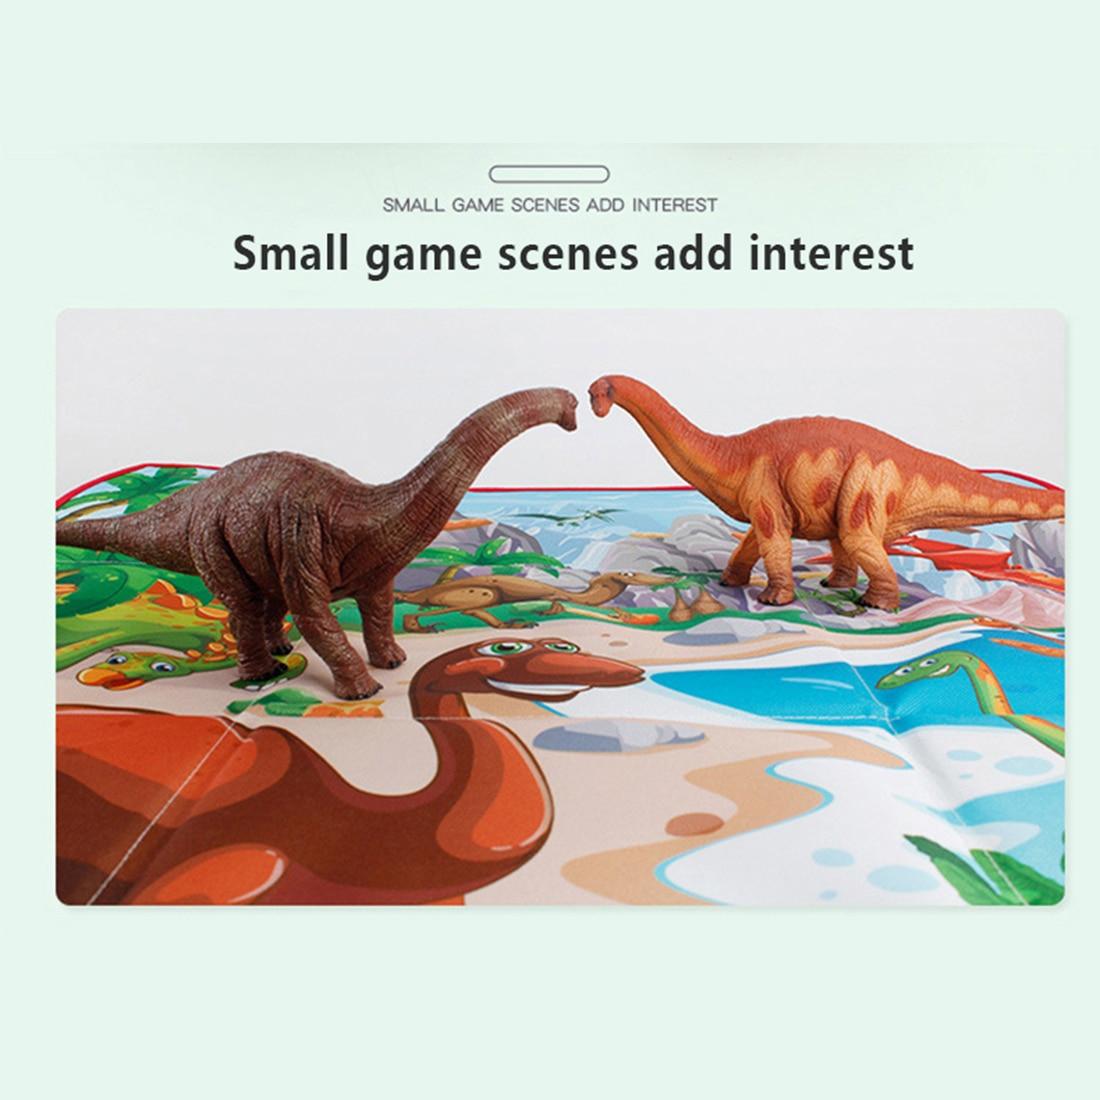 2 в 1 складной ящик для хранения динозавров сцена Ползания коврик Имитация Динозавра модель обучающая игрушка Рождественский подарок для де... - 6